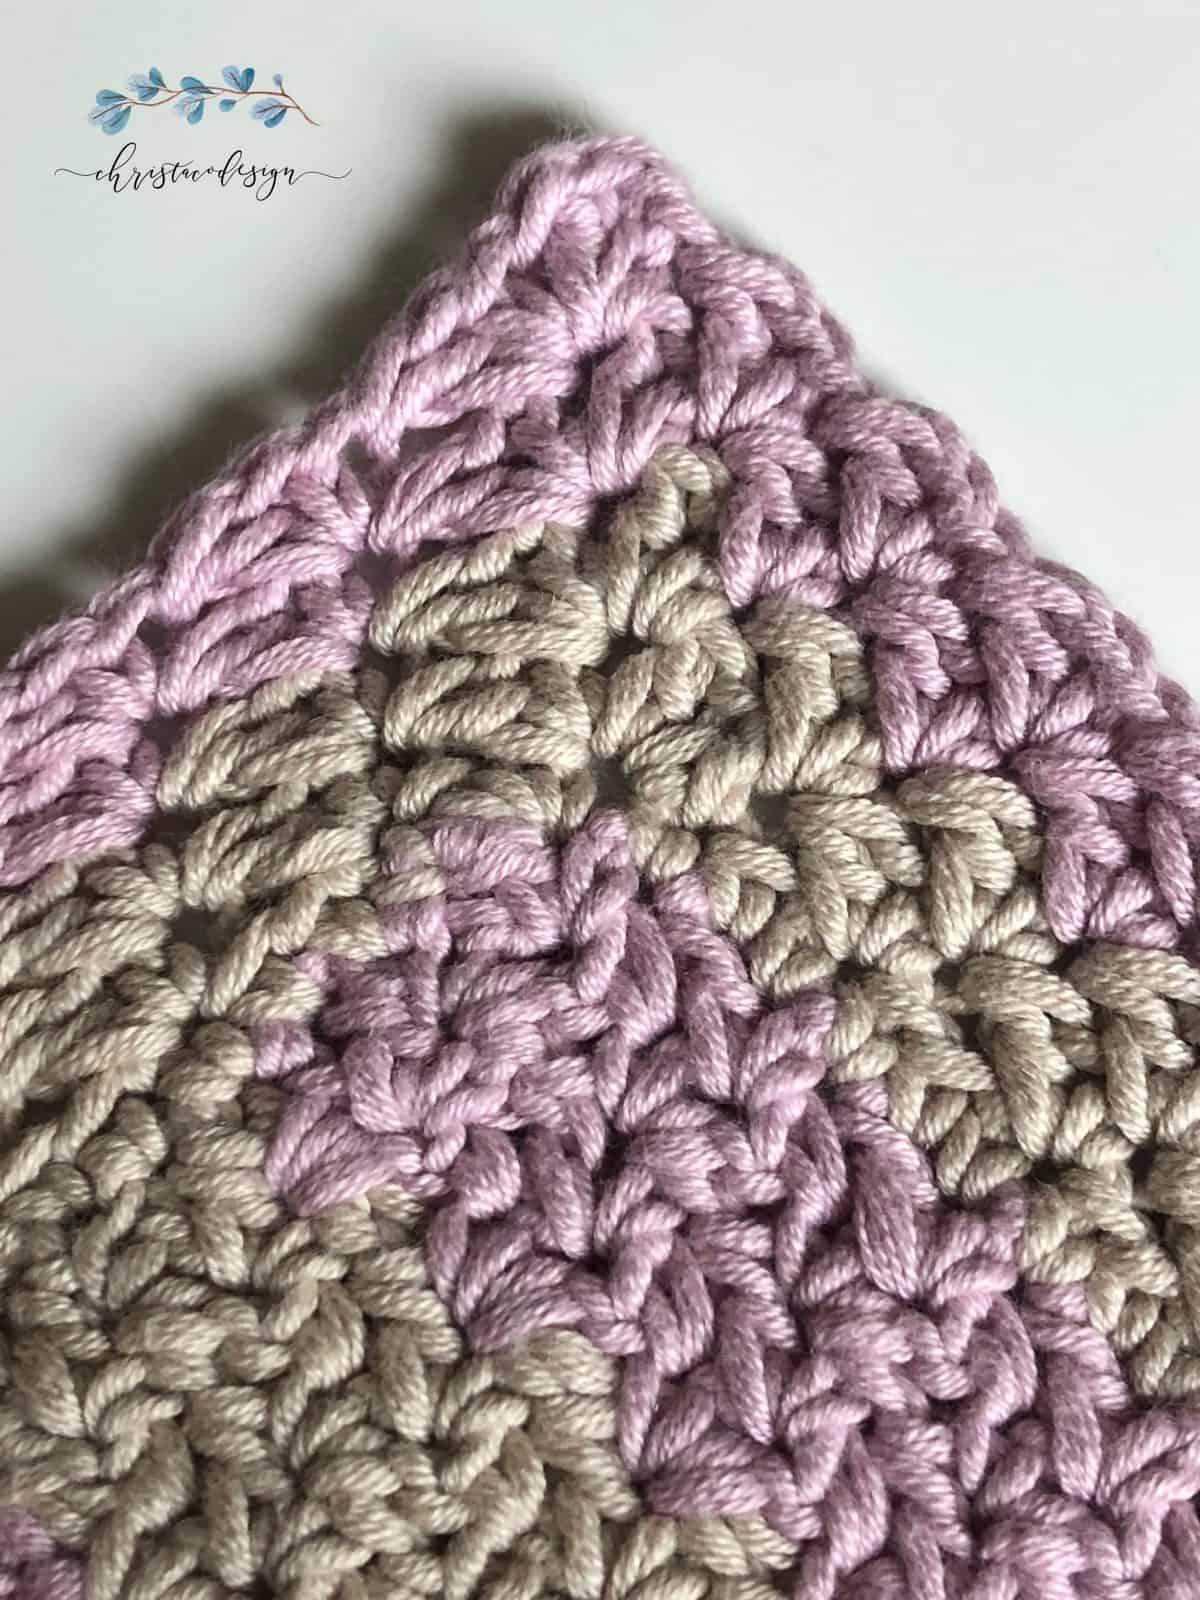 Eileen baby blanket corner of wattle stitches.